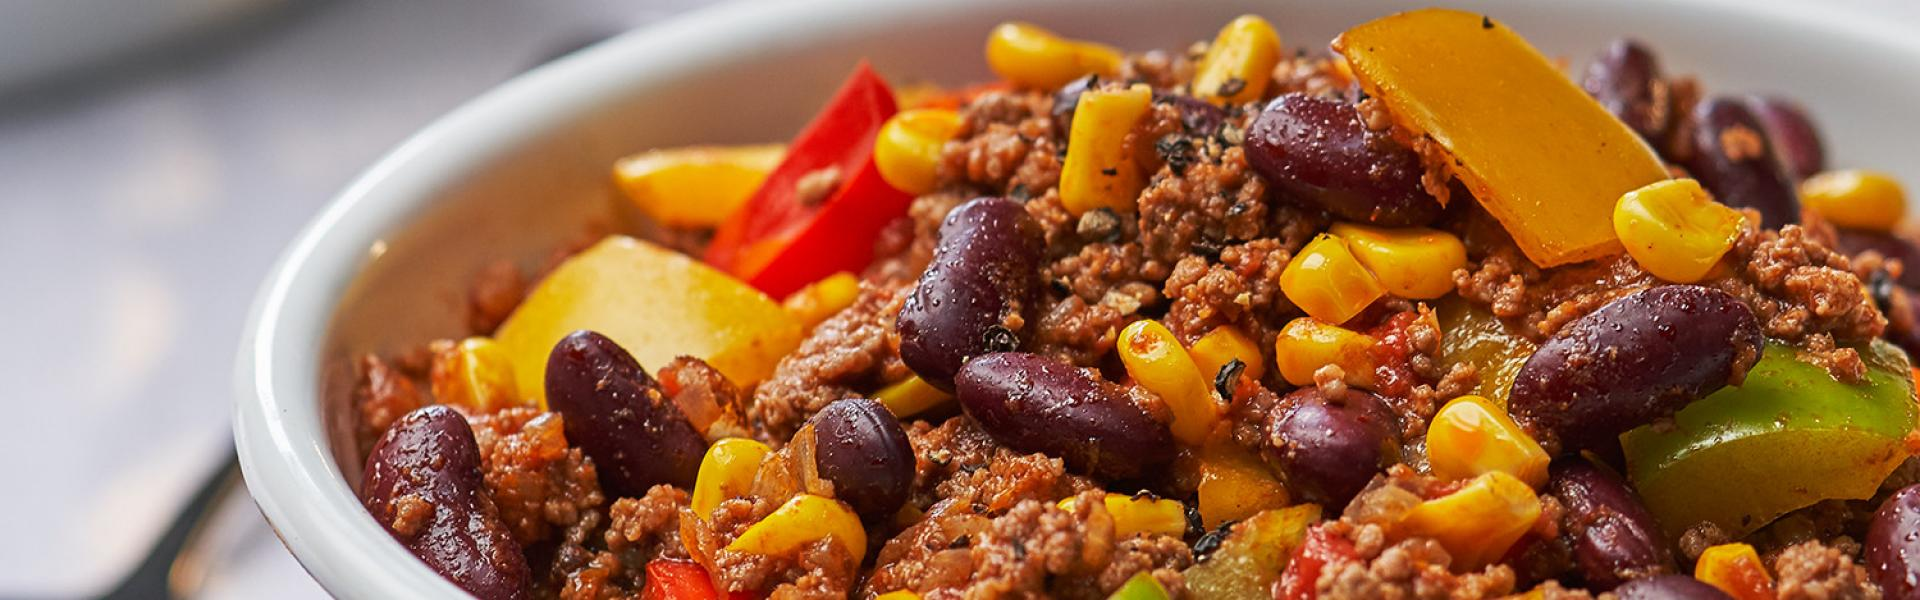 Chili con Carne 6 Portionen in einer Schale.